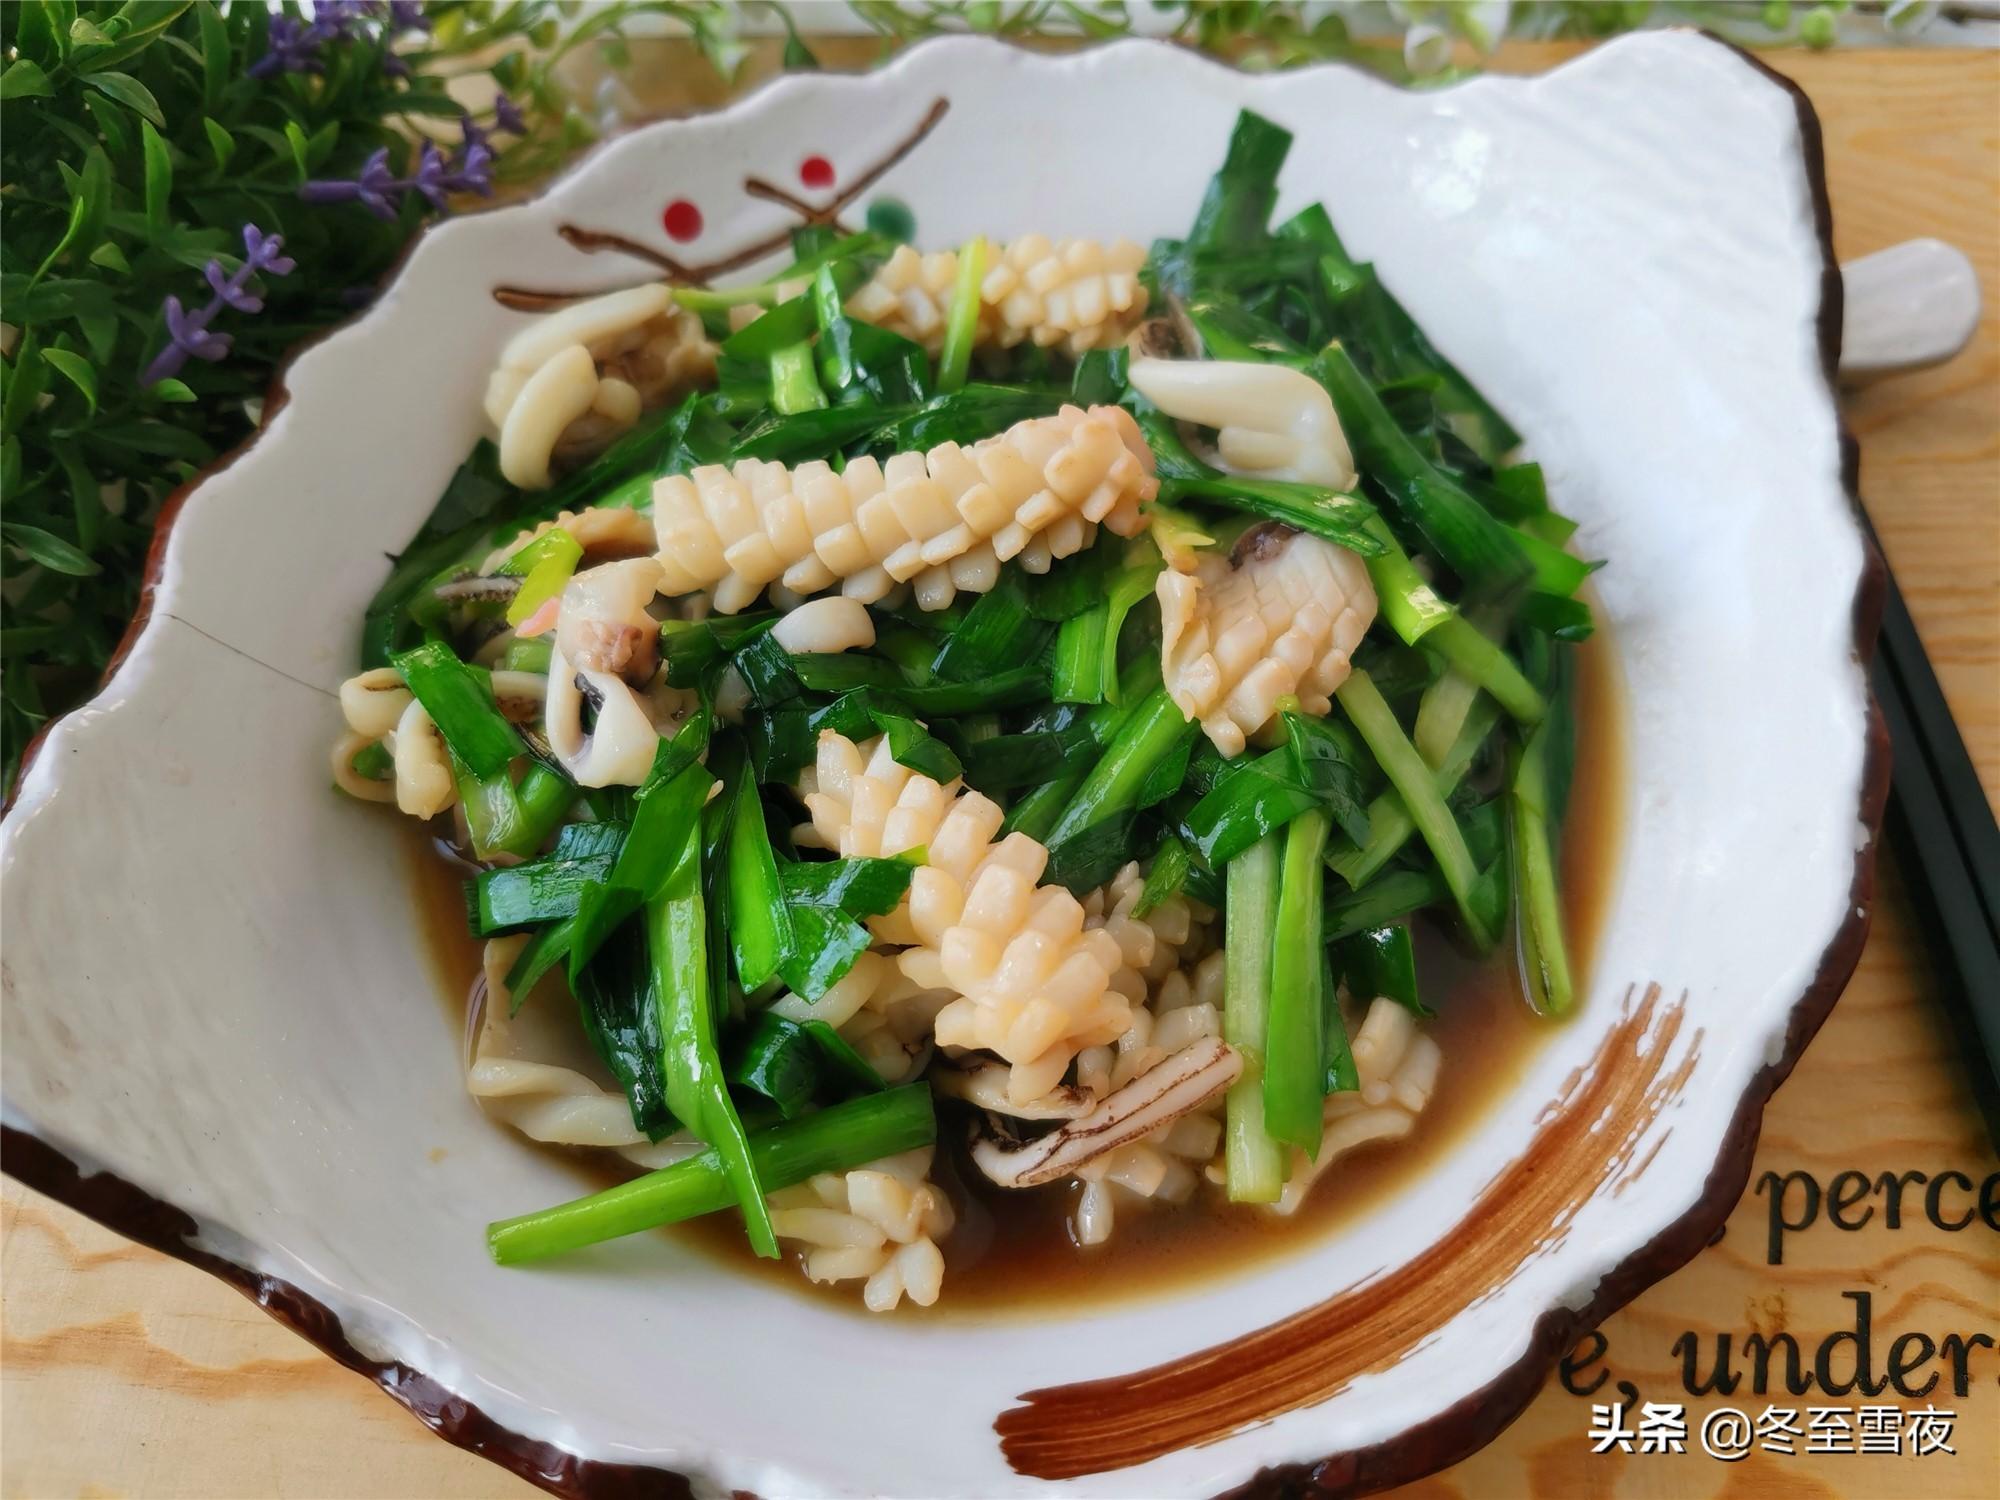 12道韭菜的做法,鲜香味美,鲜味十足 美食做法 第5张